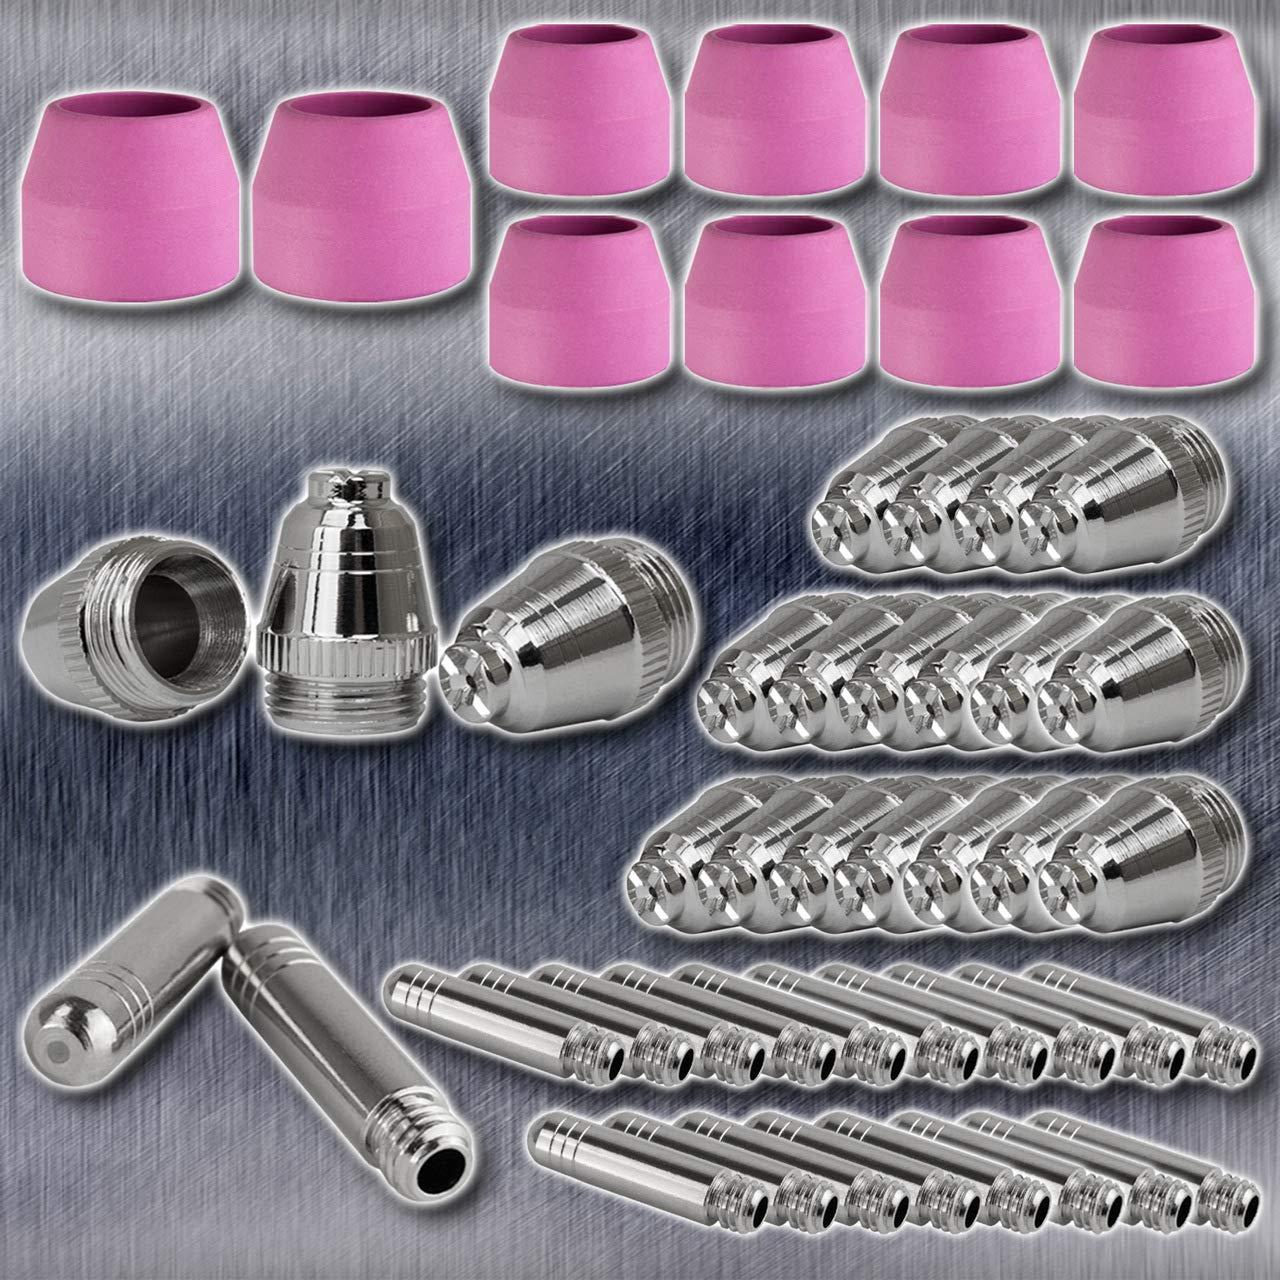 Set 50-teilig STAHLWERK AG-60 Plasmazubeh/ör Verschlei/ßteile Plasmad/üsen Elektroden Keramikkappen f/ür AG-60 // SG-55 CUT Plasmaschneider-Brenner